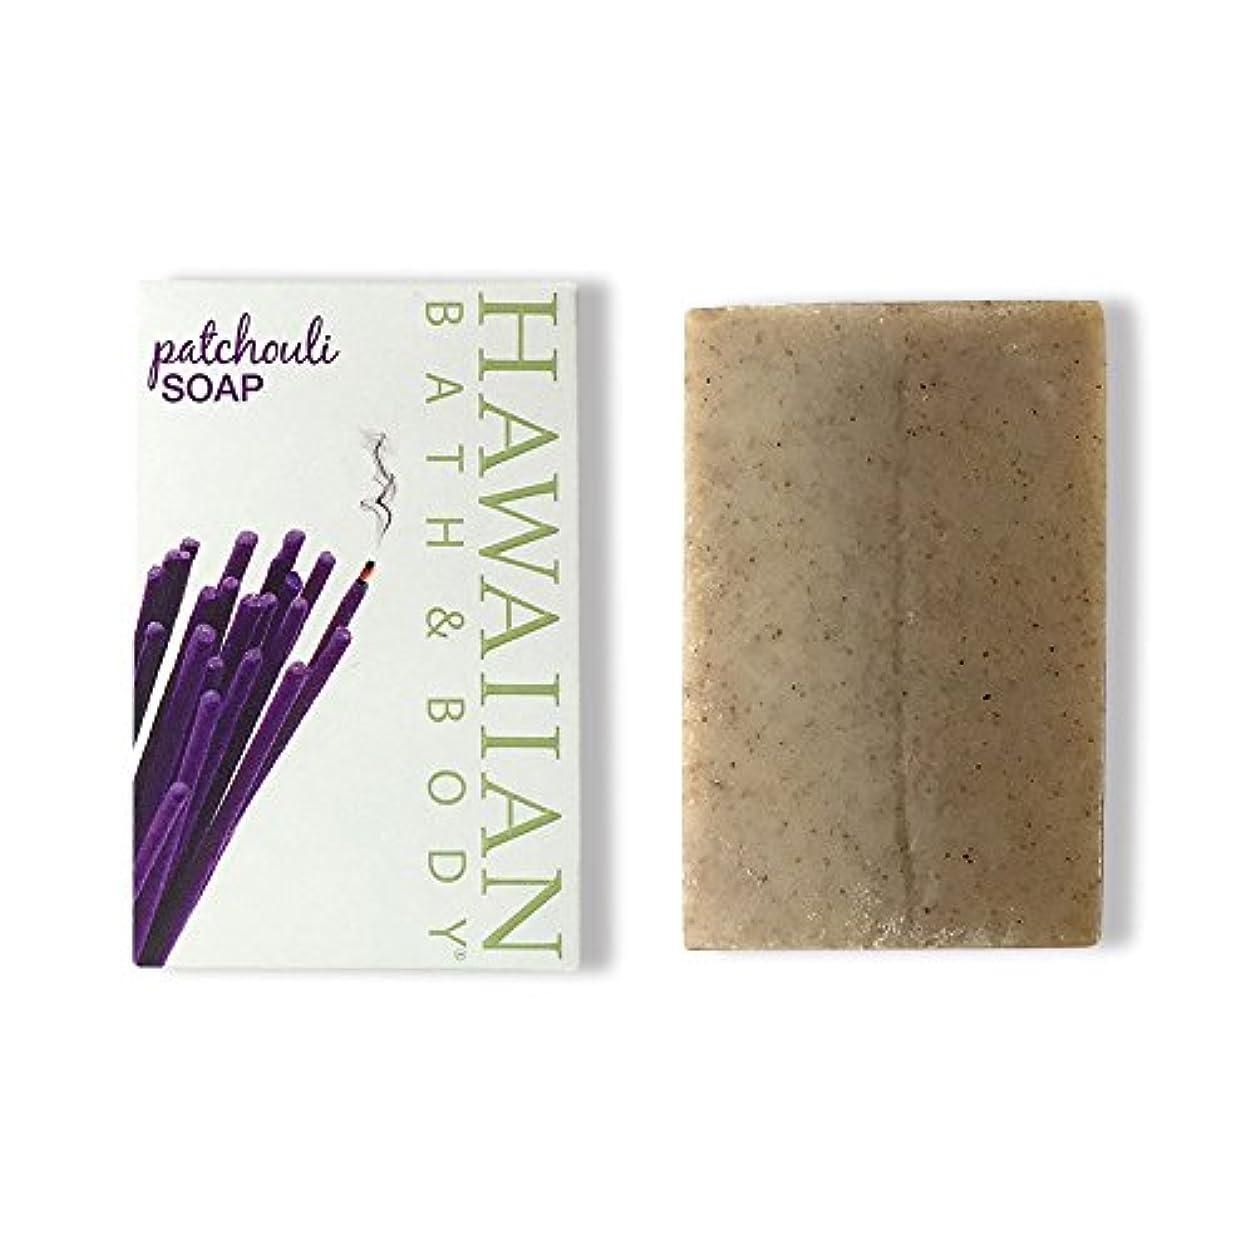 シートグリル女性ハワイアンバス&ボディ パチュリ?ナチュラルソープ ( Pachouli Soap )